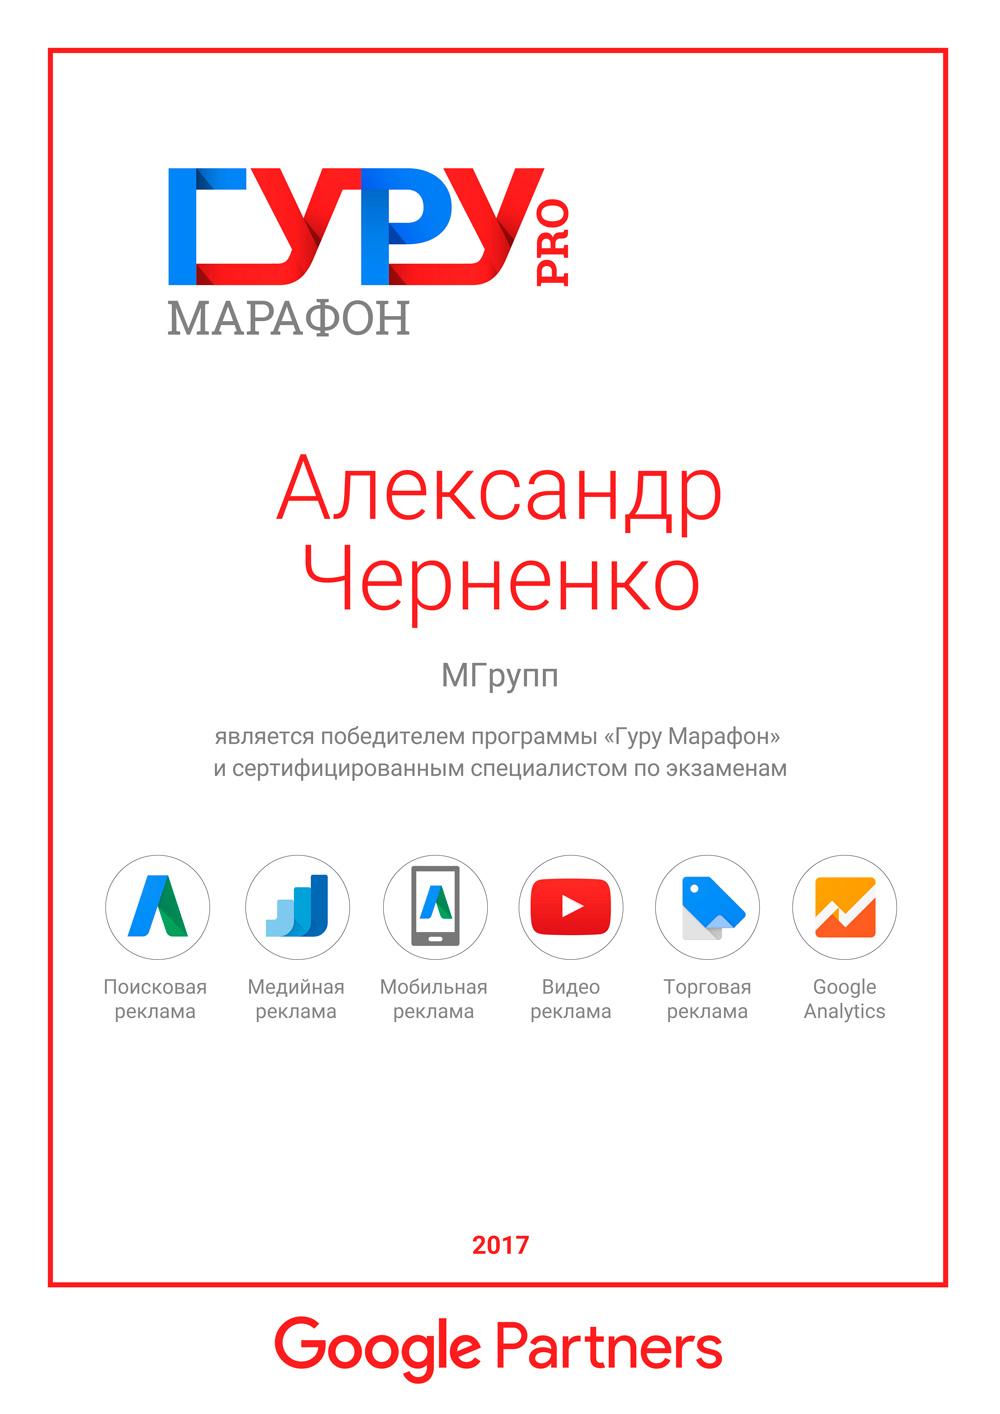 Сертификат агентства интернет-маркетинга МГрупп